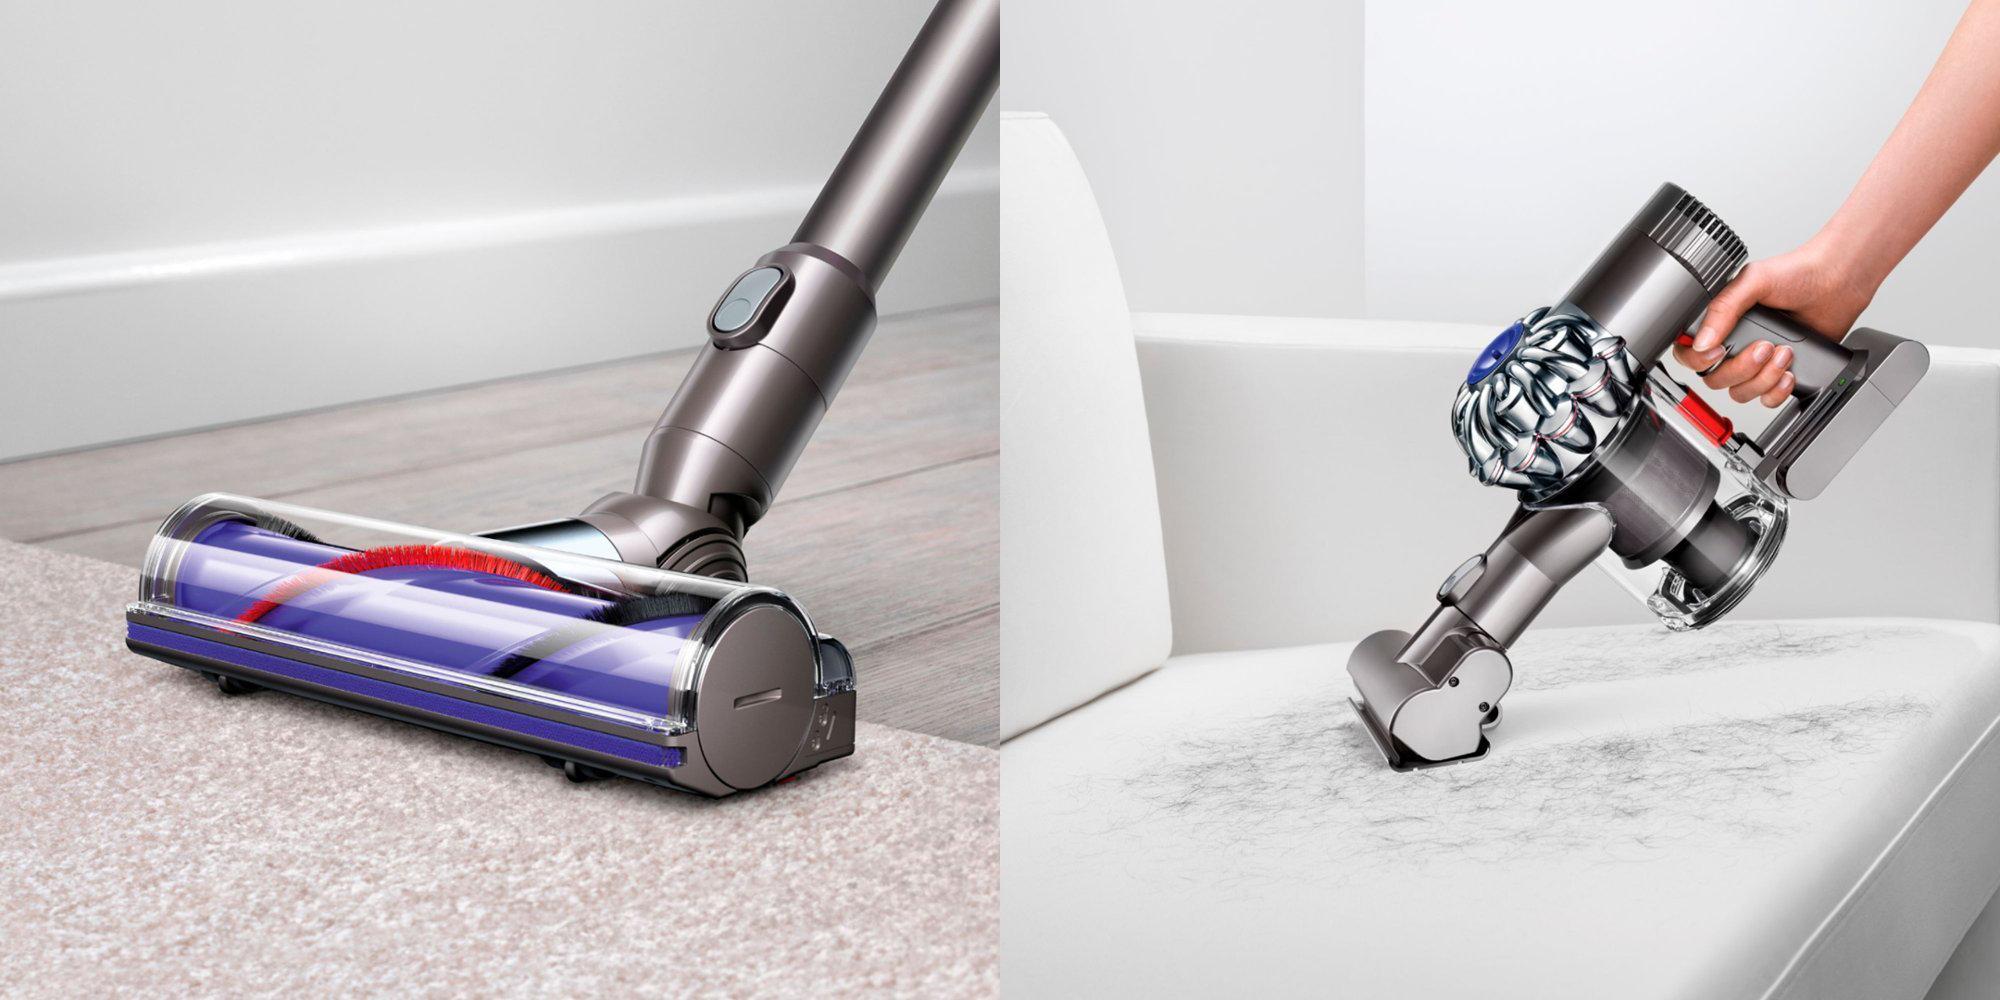 Dyson stick vacuum v6 беспроводной пылесос dyson купить